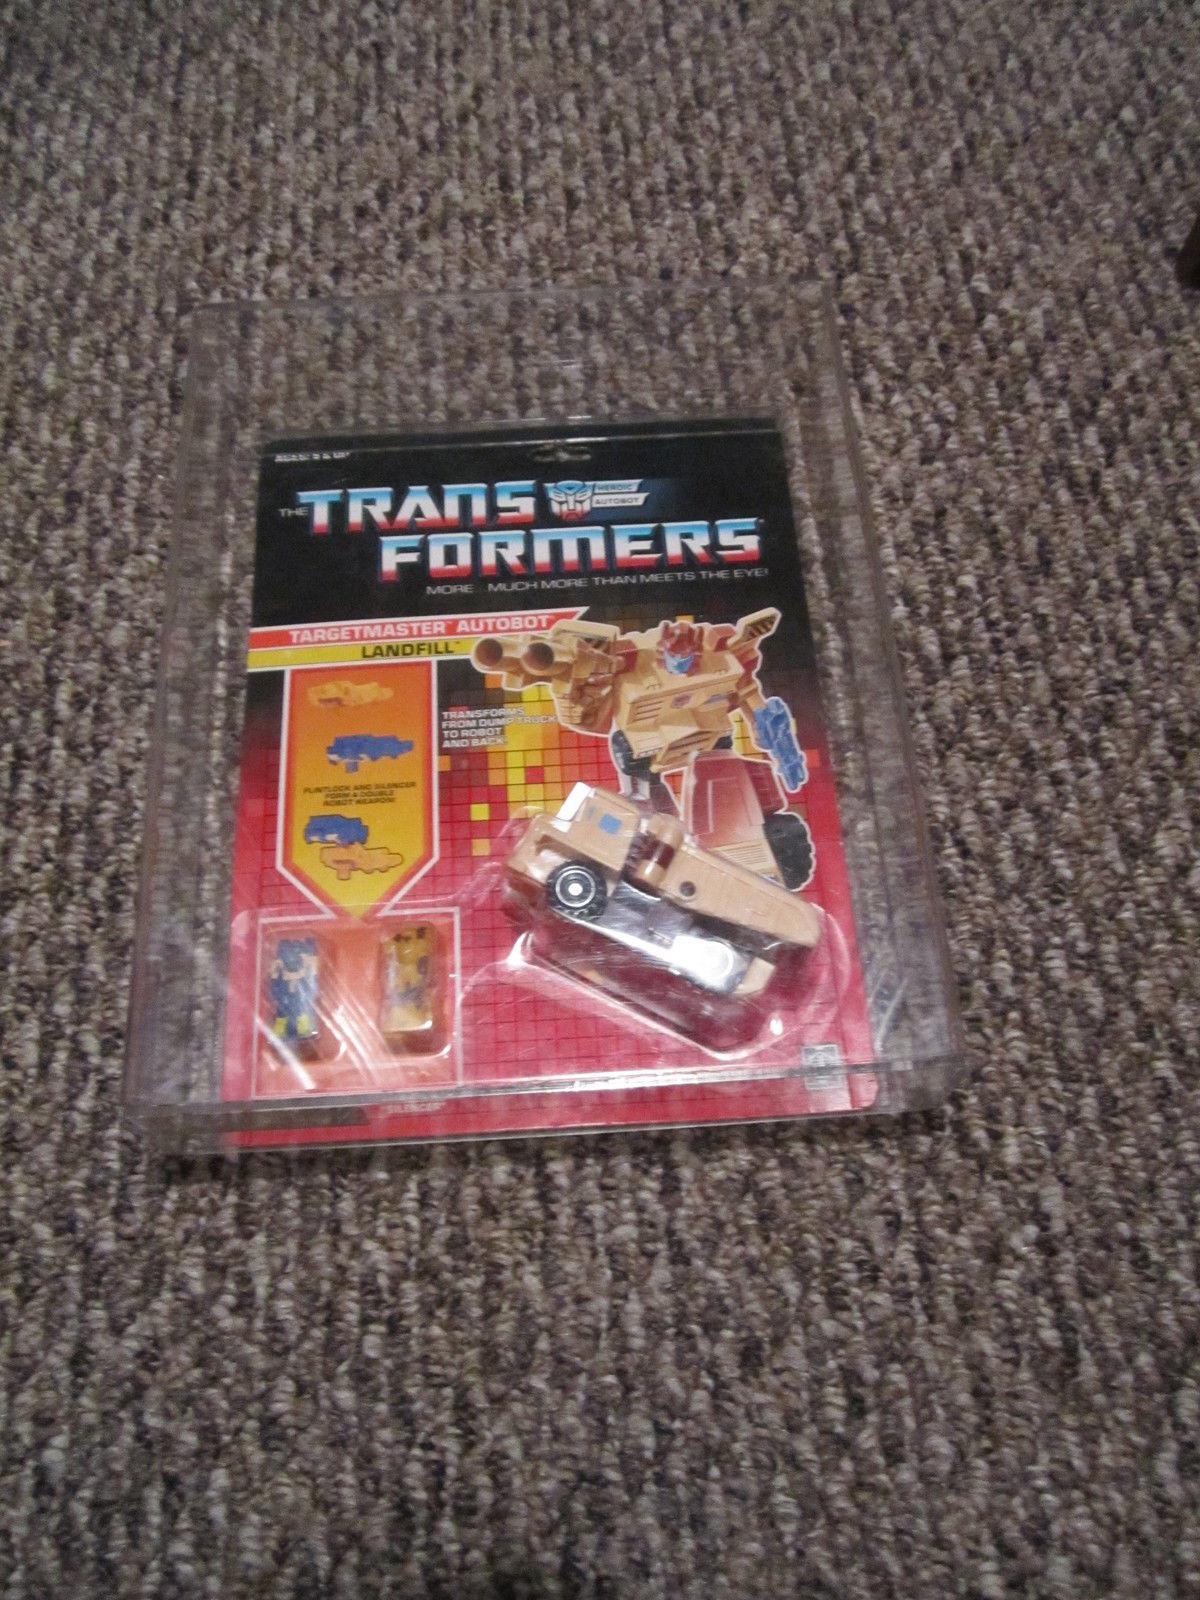 G1 Transformers 1988 targetmaster disautoica maggior parte dei AFA 80 808090 COMPLETO MOC